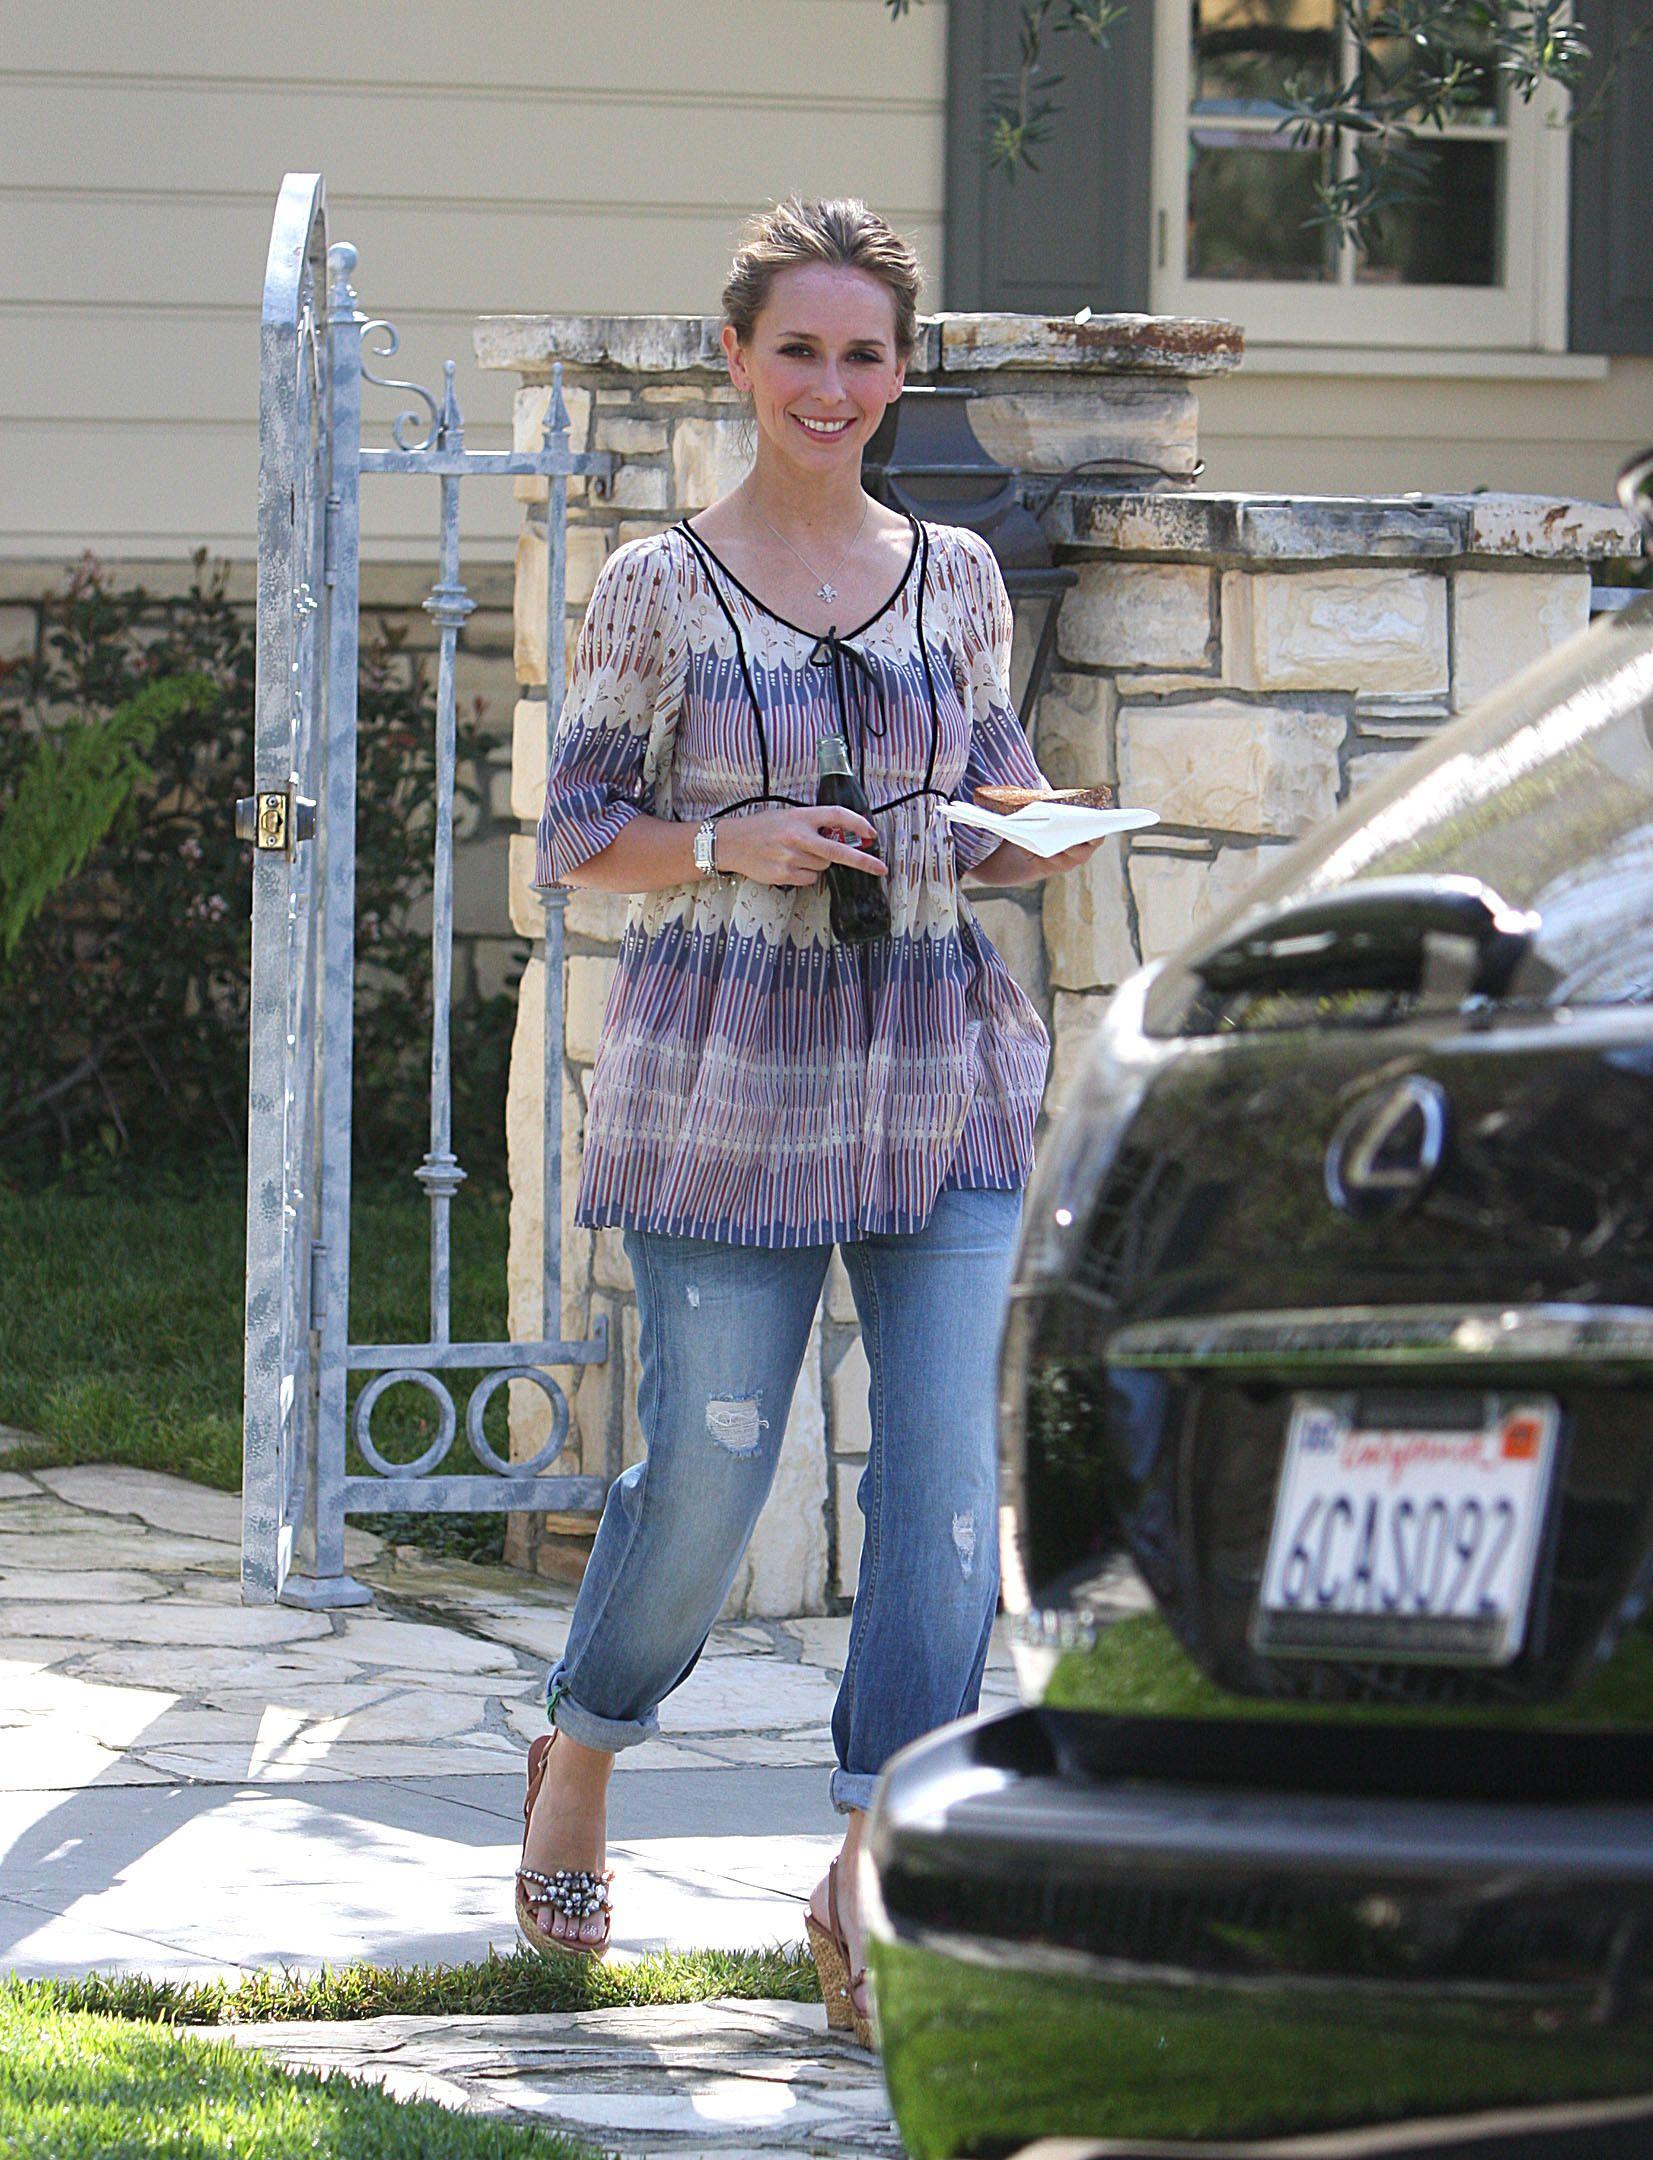 95717_Jennifer_Love_Hewitt_leaves_a_friends_house_in_Los_Angeles_20090327_04_122_104lo.jpg